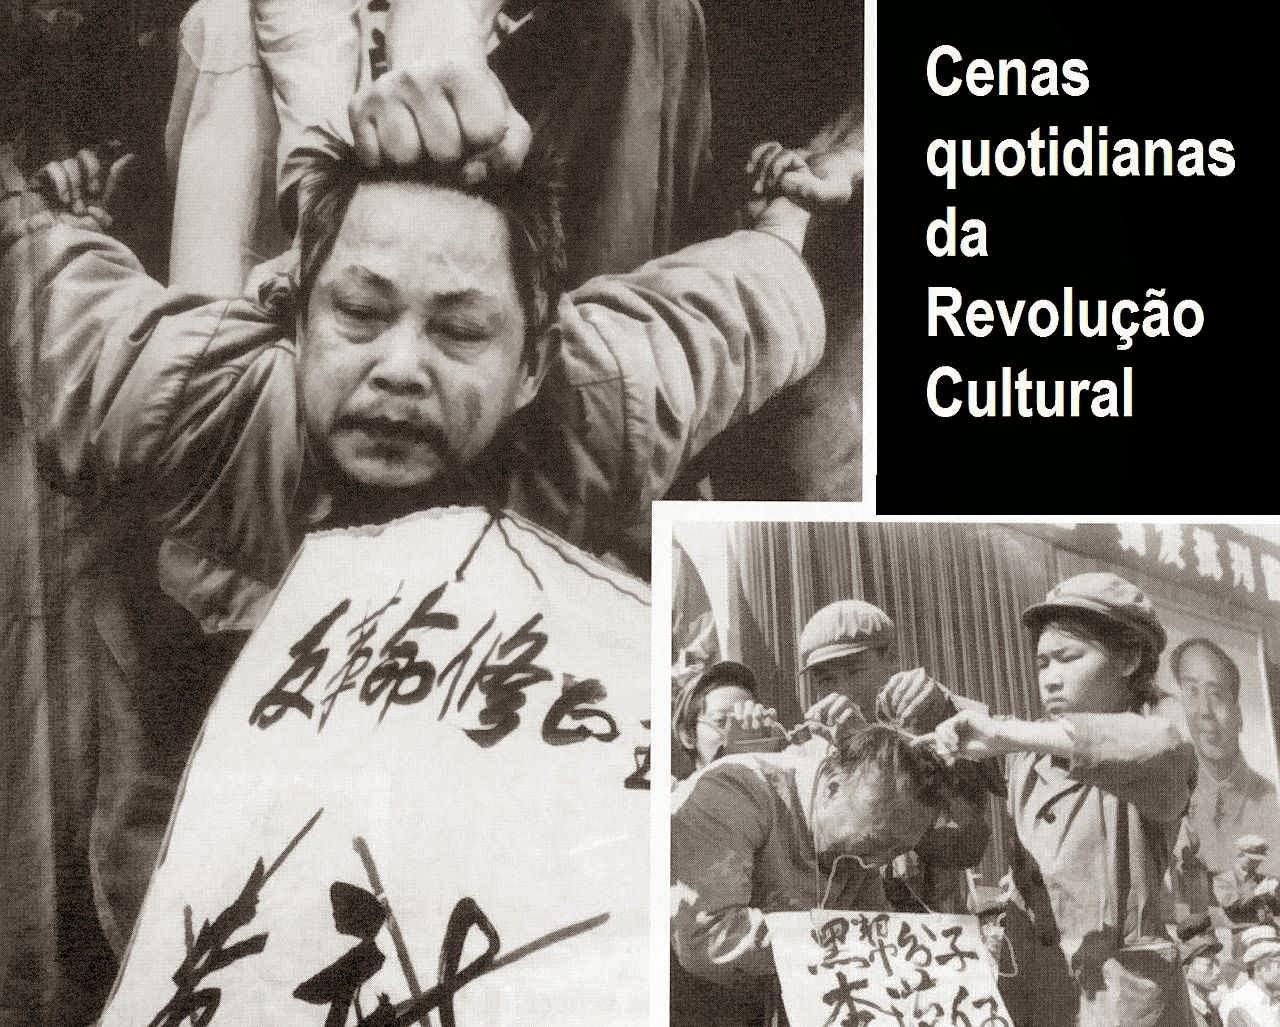 A Revolução Cultural comunista visou desmoralizar e extinguir as elites cultas e religiosas